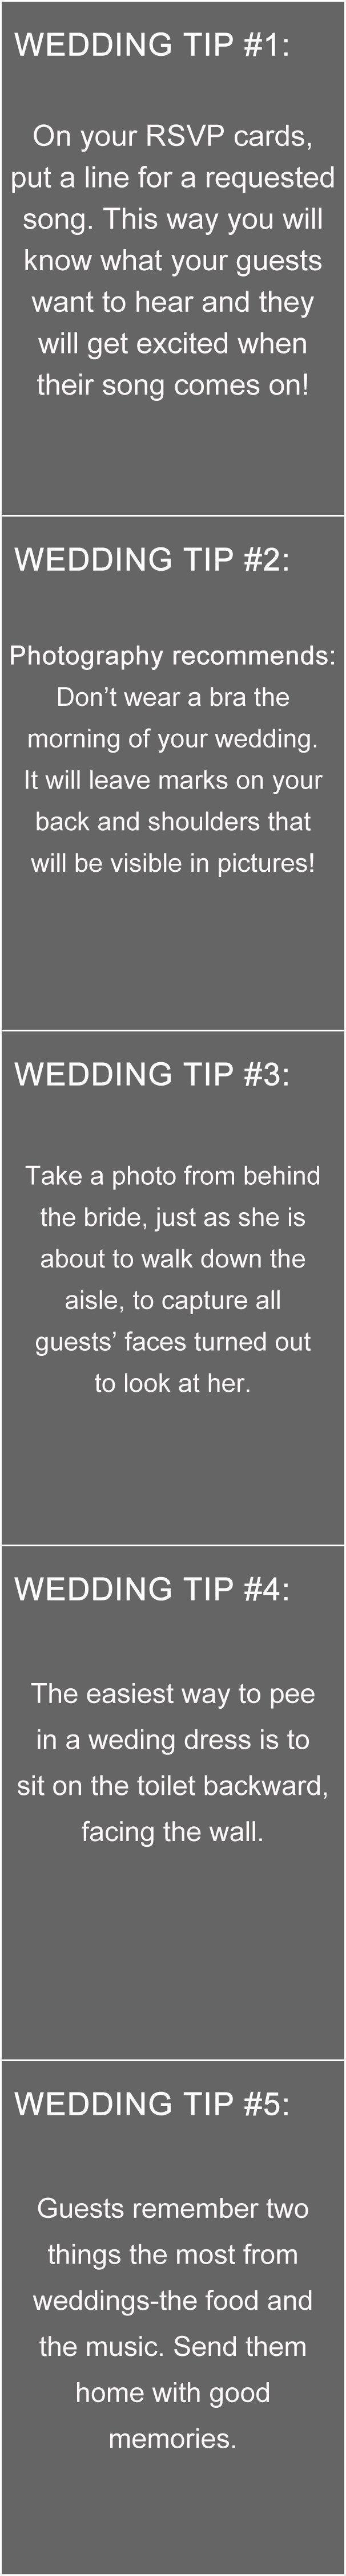 Top 10 Hochzeitstipp-Ideen für Ihren großen Tag